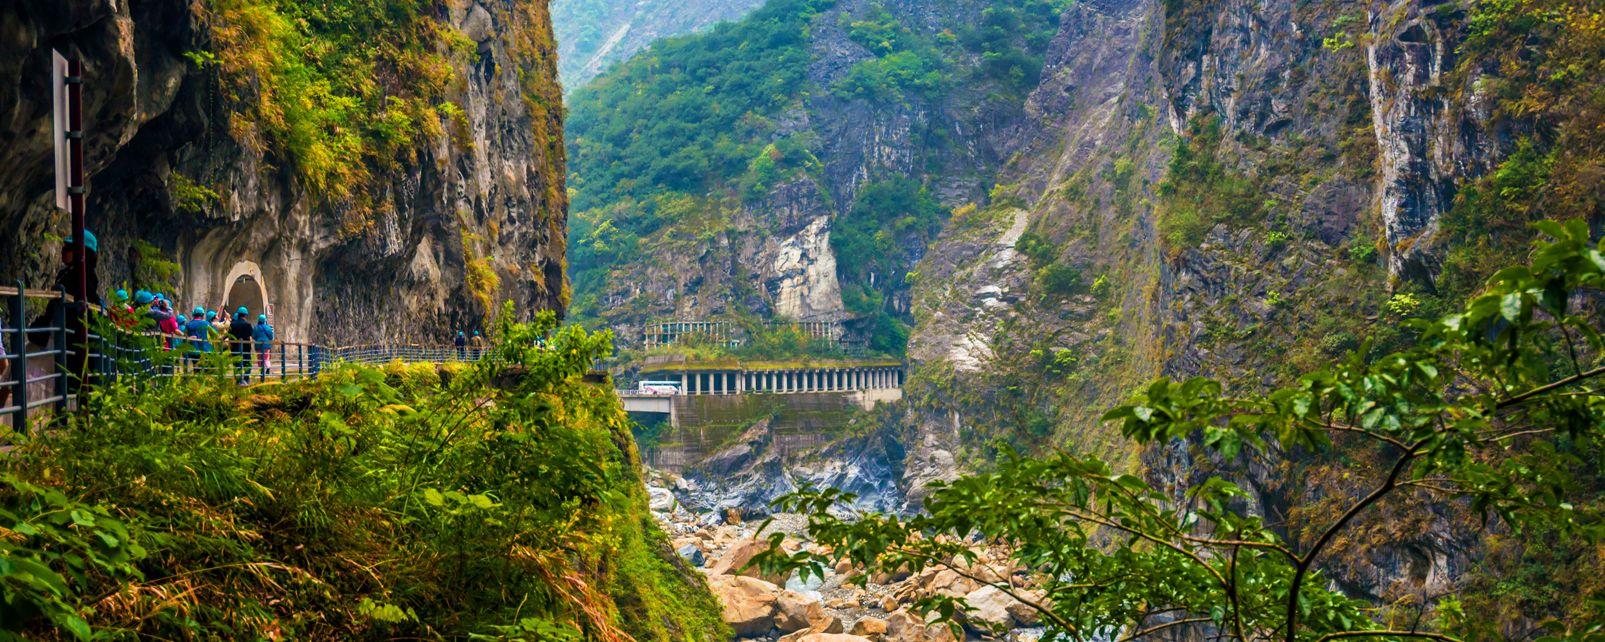 Les Gorges de Taroko , Taïwan